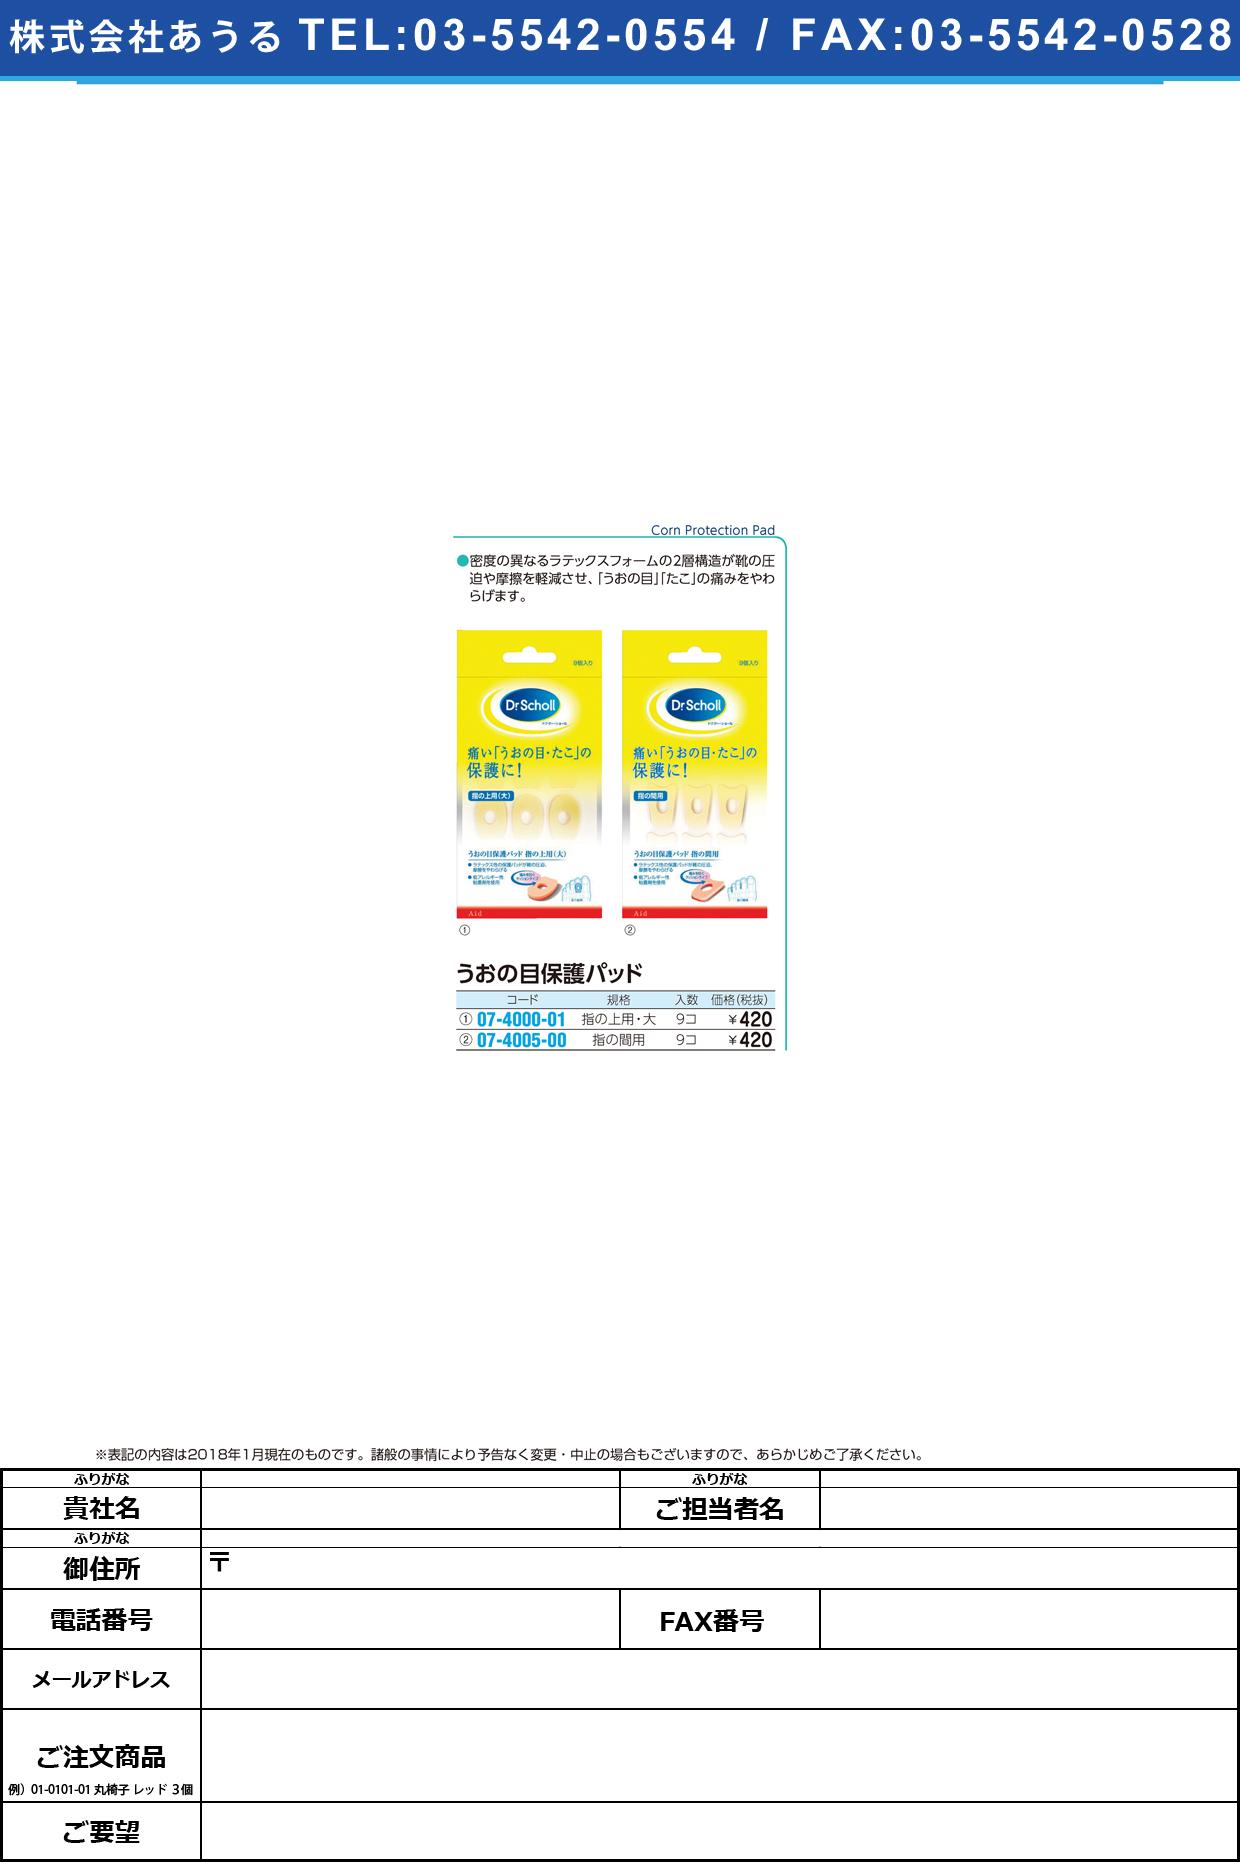 (07-4000-01)うおの目保護パッド(大) 00351(9コイリ) ウオノメホゴパッド(ダイ)(レキットベンキーザー・ジャパン)【1袋単位】【2018年カタログ商品】